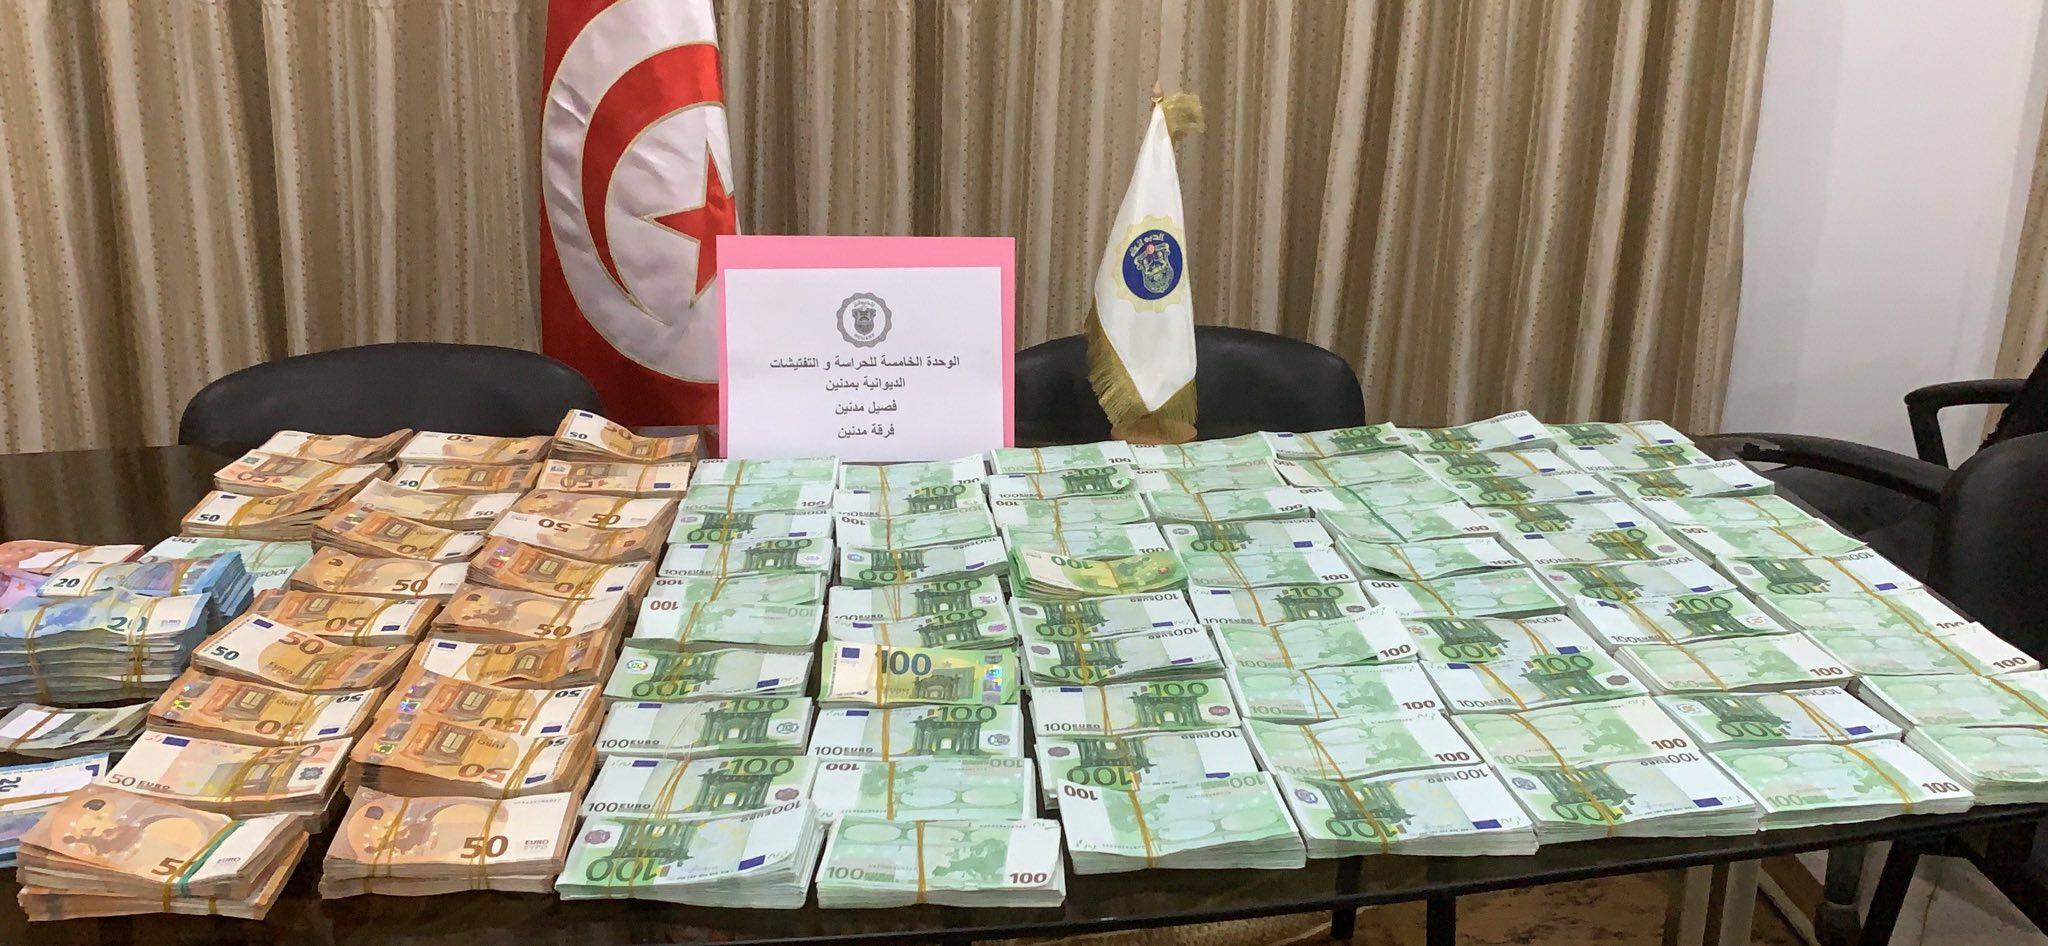 فرقة الحرس الديواني بمدنين تحبط محاولة تهريب مبلغ من العملة الأجنبية يناهز 1 مليون أورو: